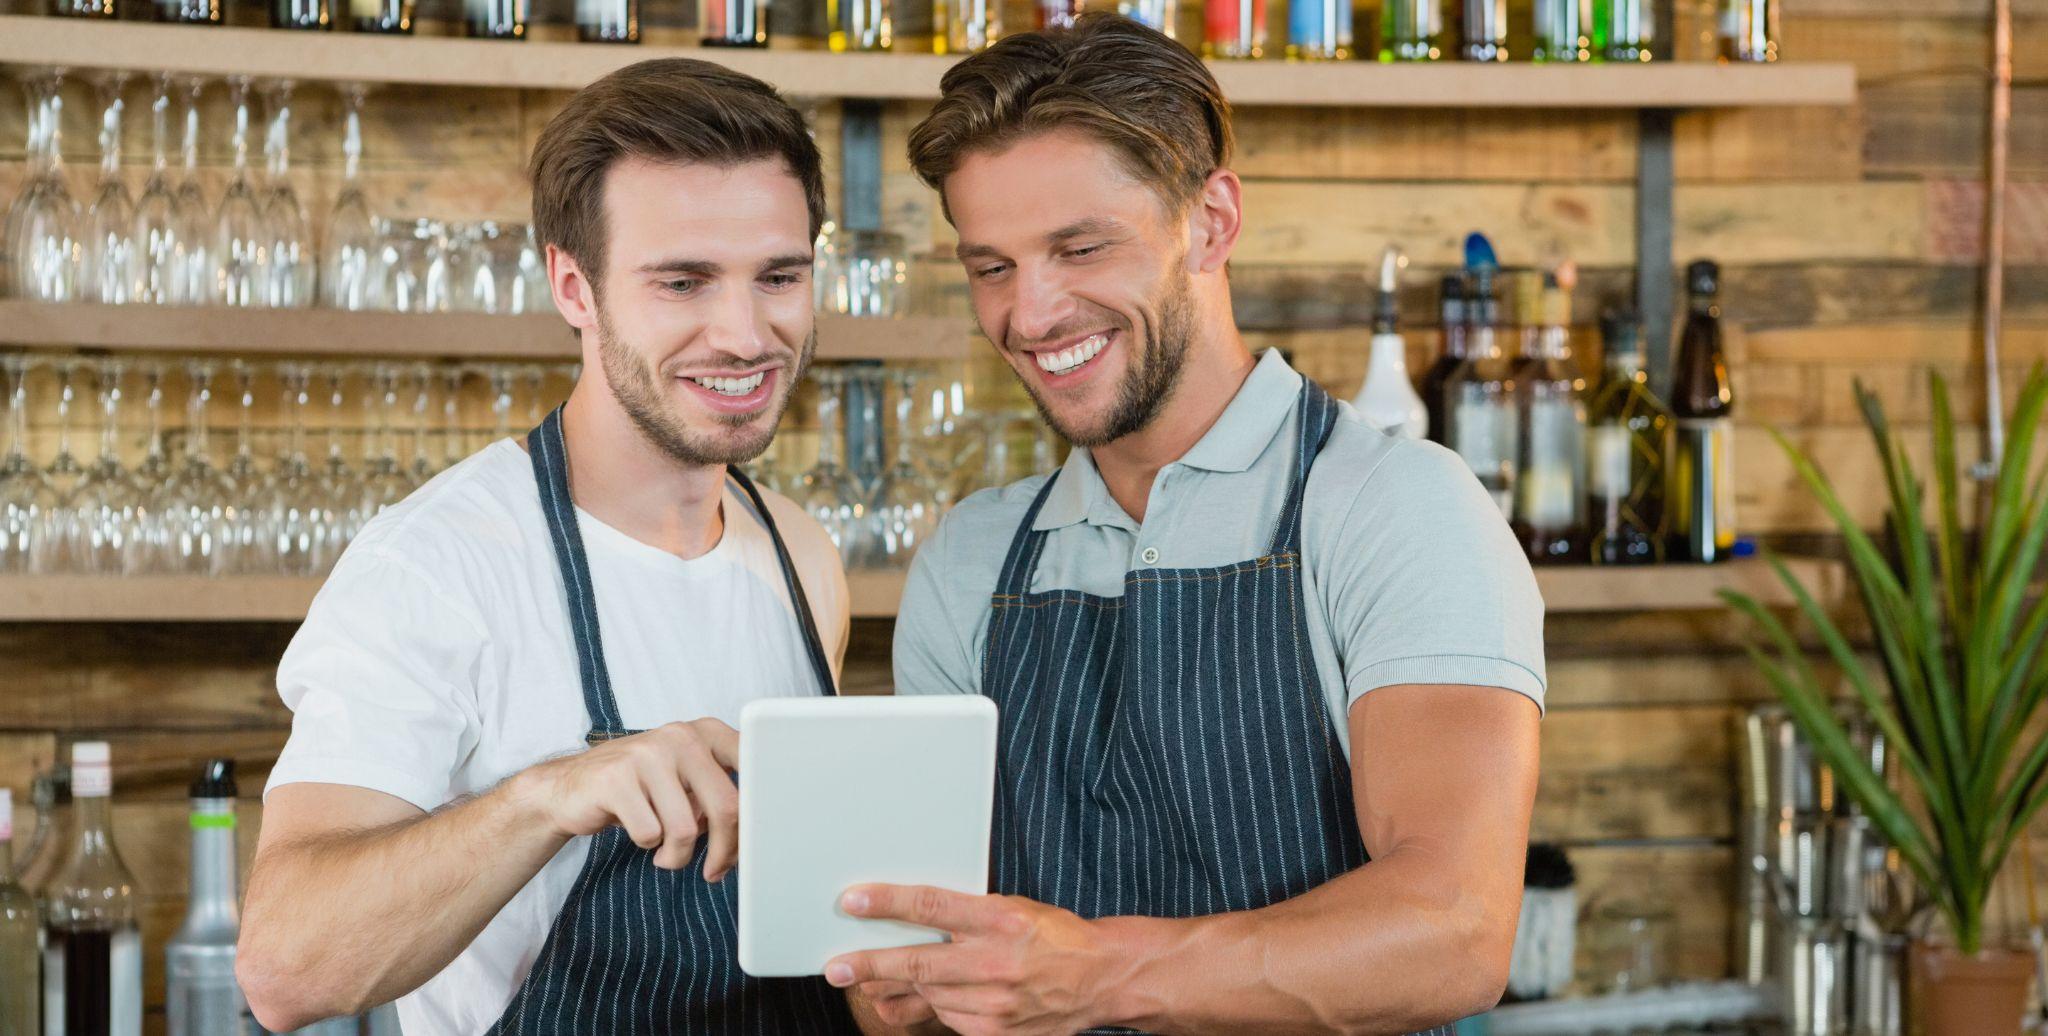 Hommes serveurs sourient devant iPad